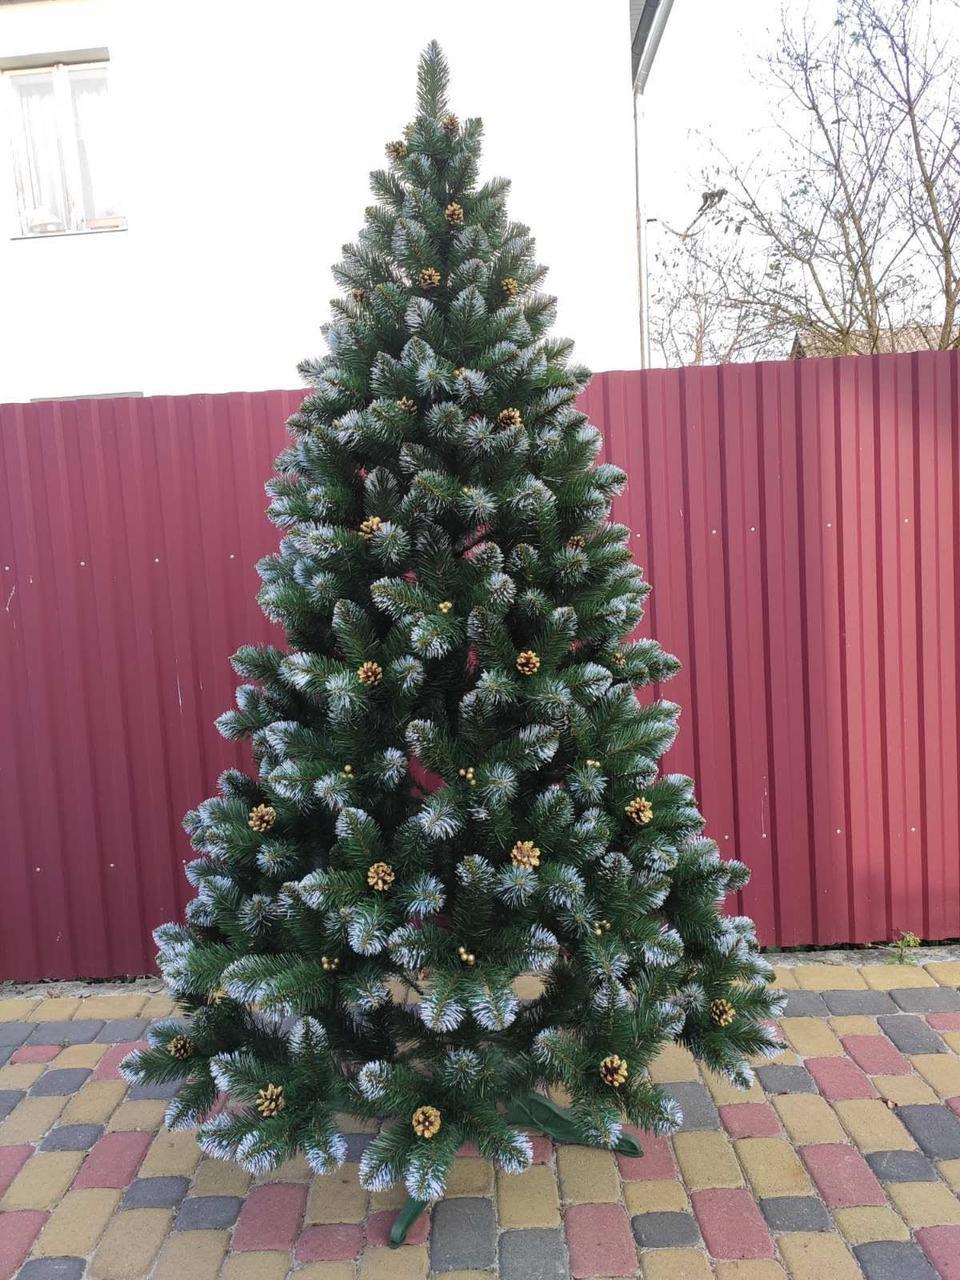 Новогодняя искусственная елка Кармен с золотыми шишками и жемчугом высотой 2.20 м